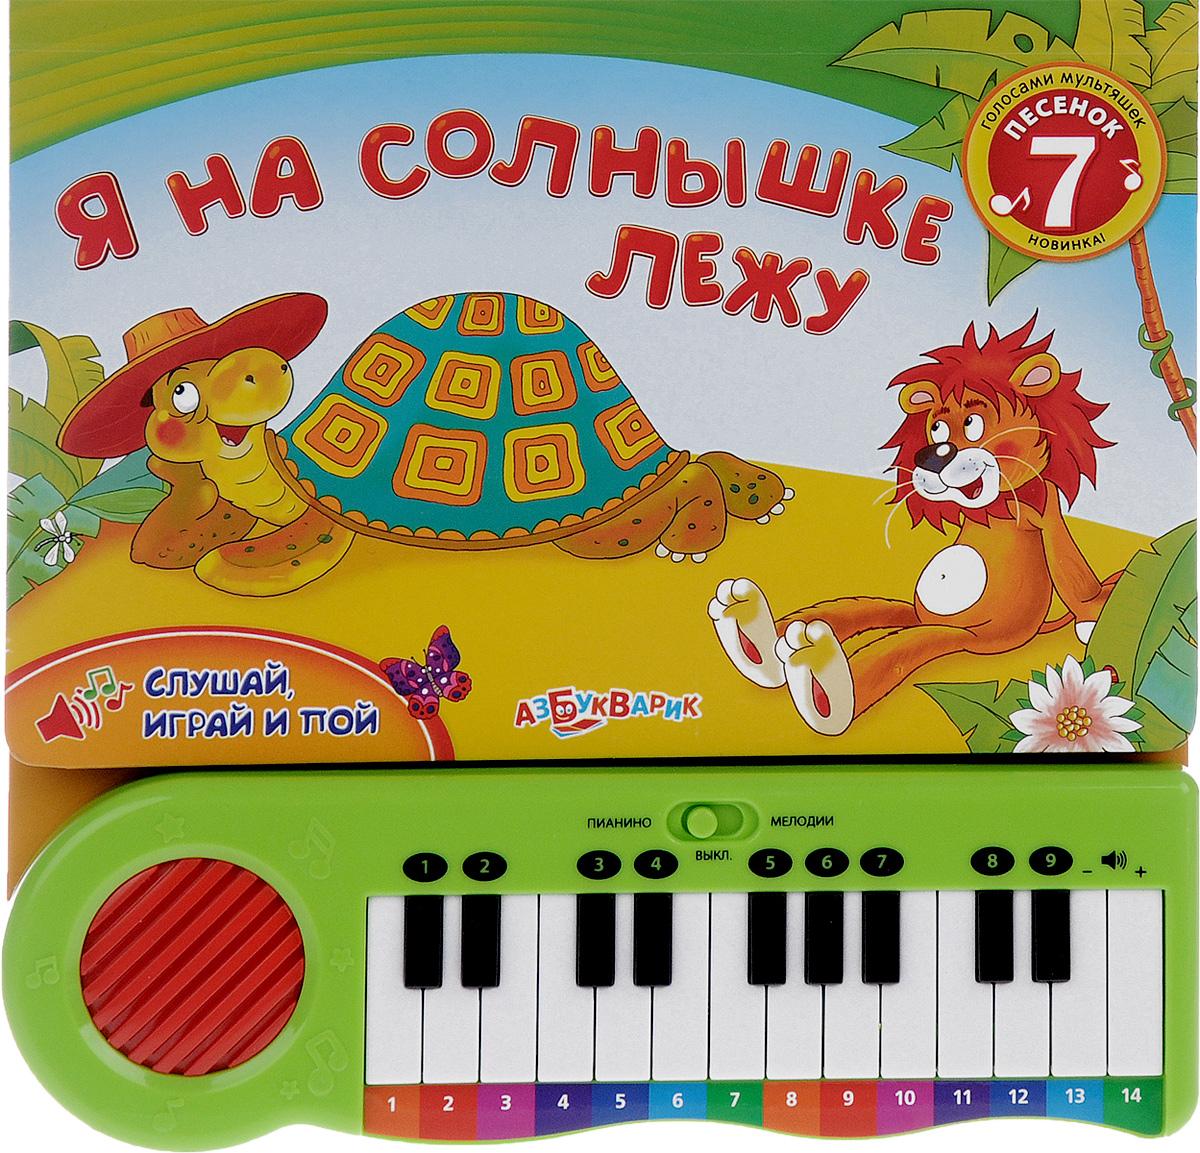 Я на солнышке лежу. Слушай, играй и пой! 7 песенок. Книжка-игрушка